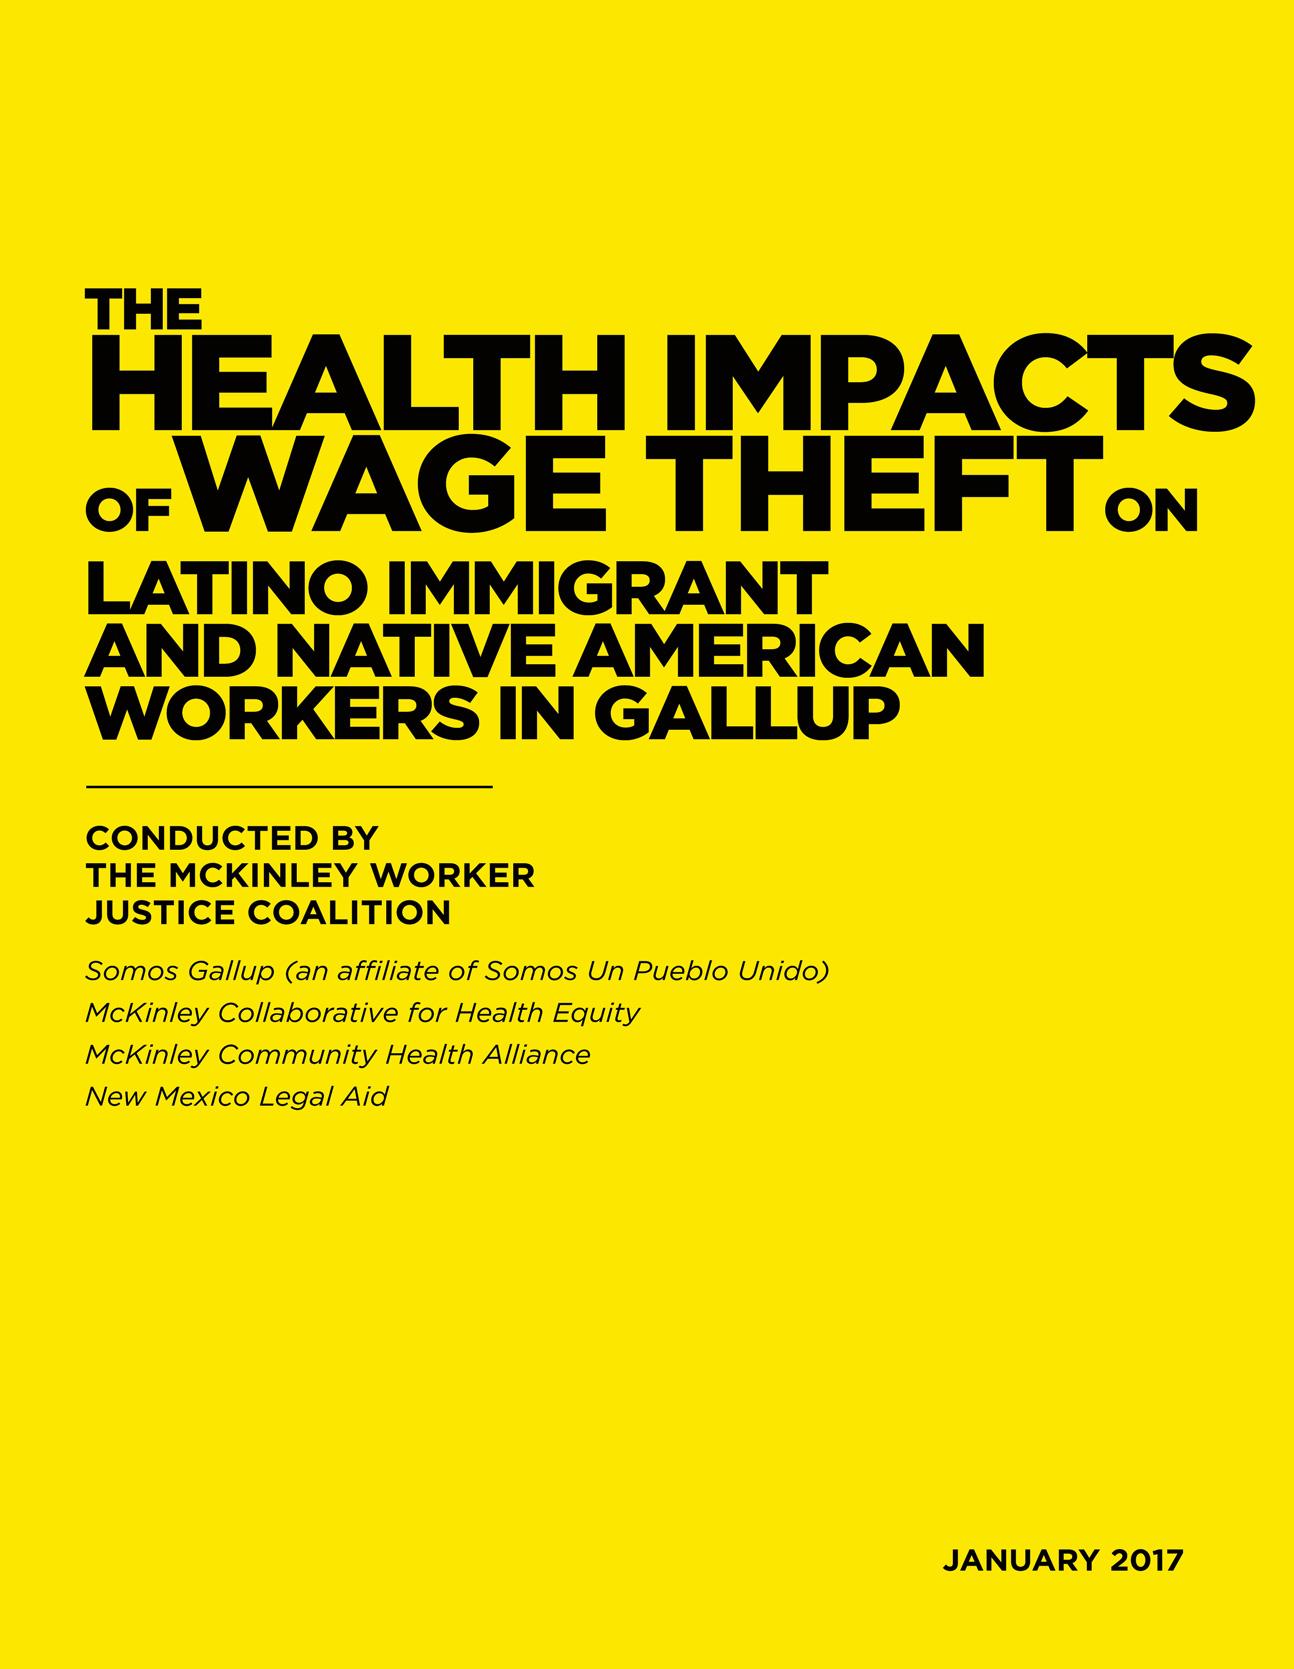 Somos_HIA_Wage-Theft-2017-Cover-v5.jpg